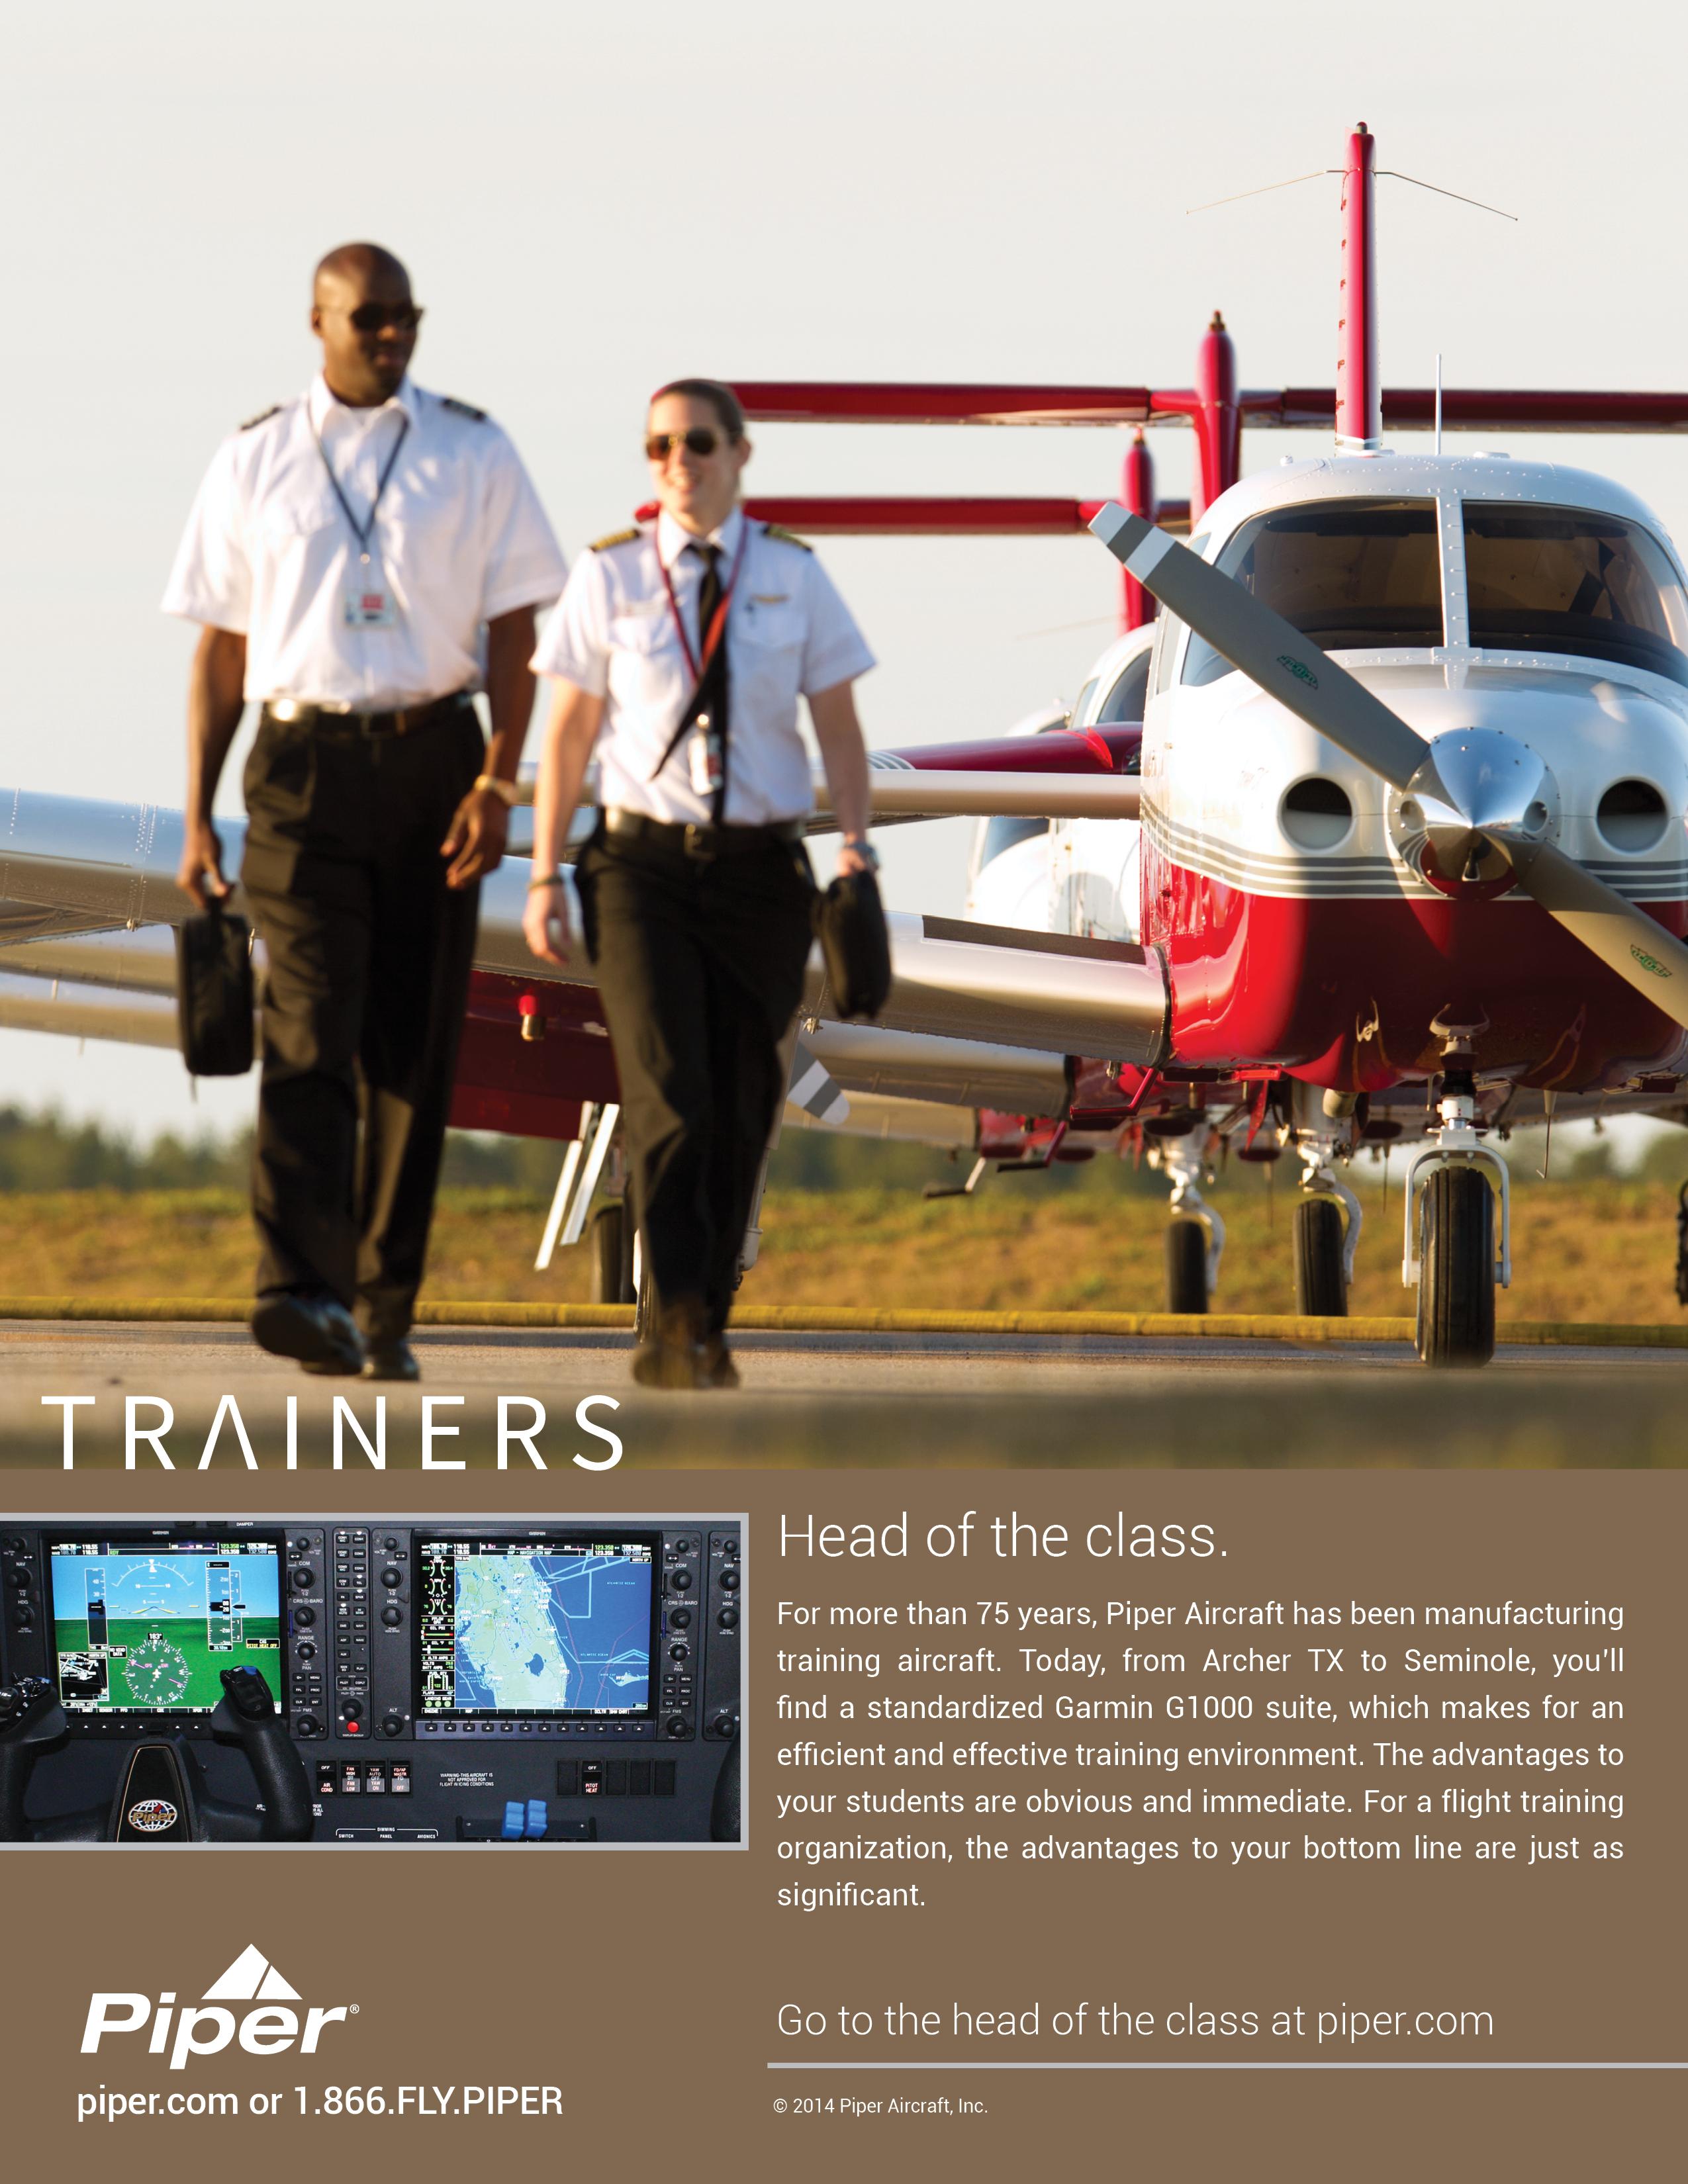 2014 Piper Trainer Ad